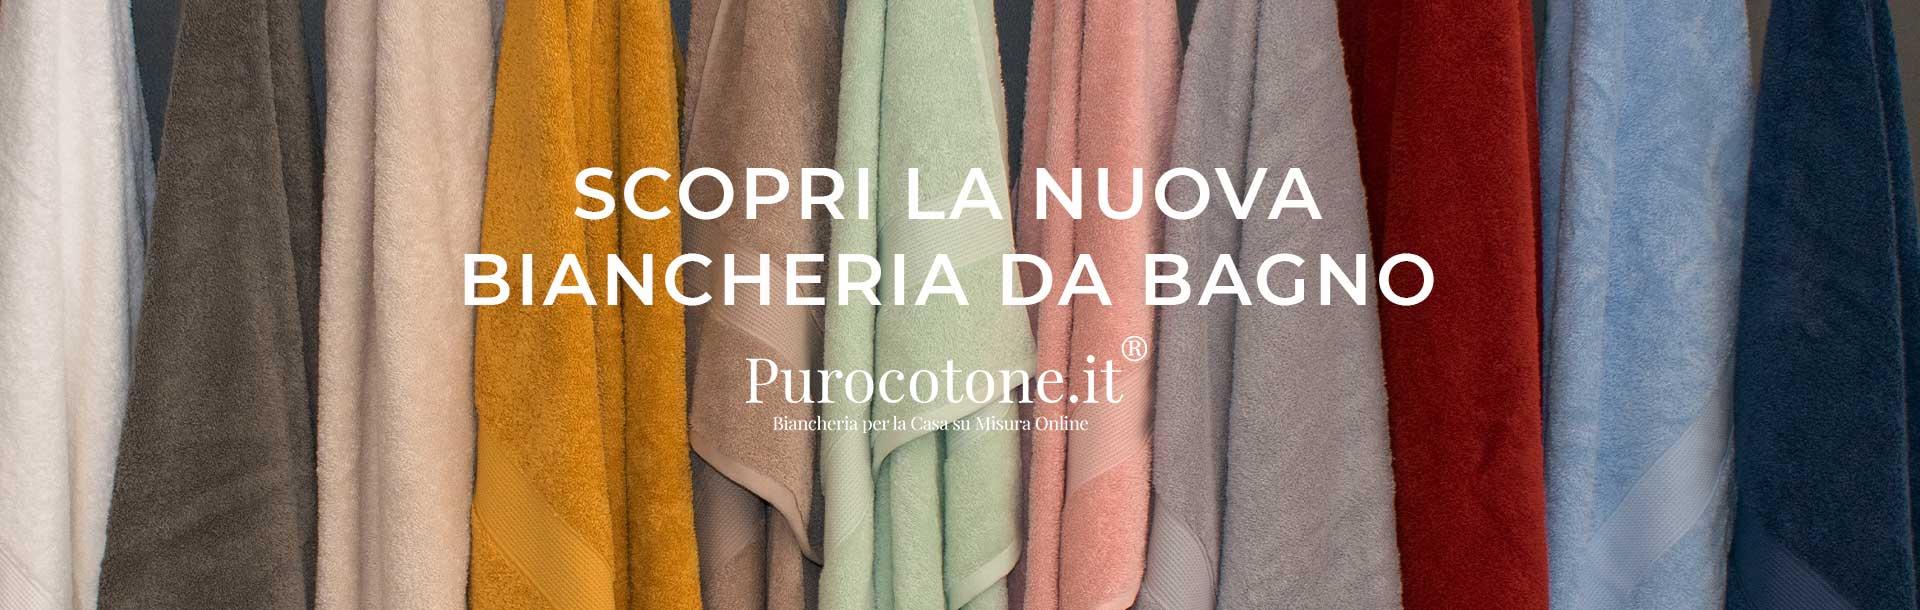 La nuova Biancheria da Bagno di Purocotone.it